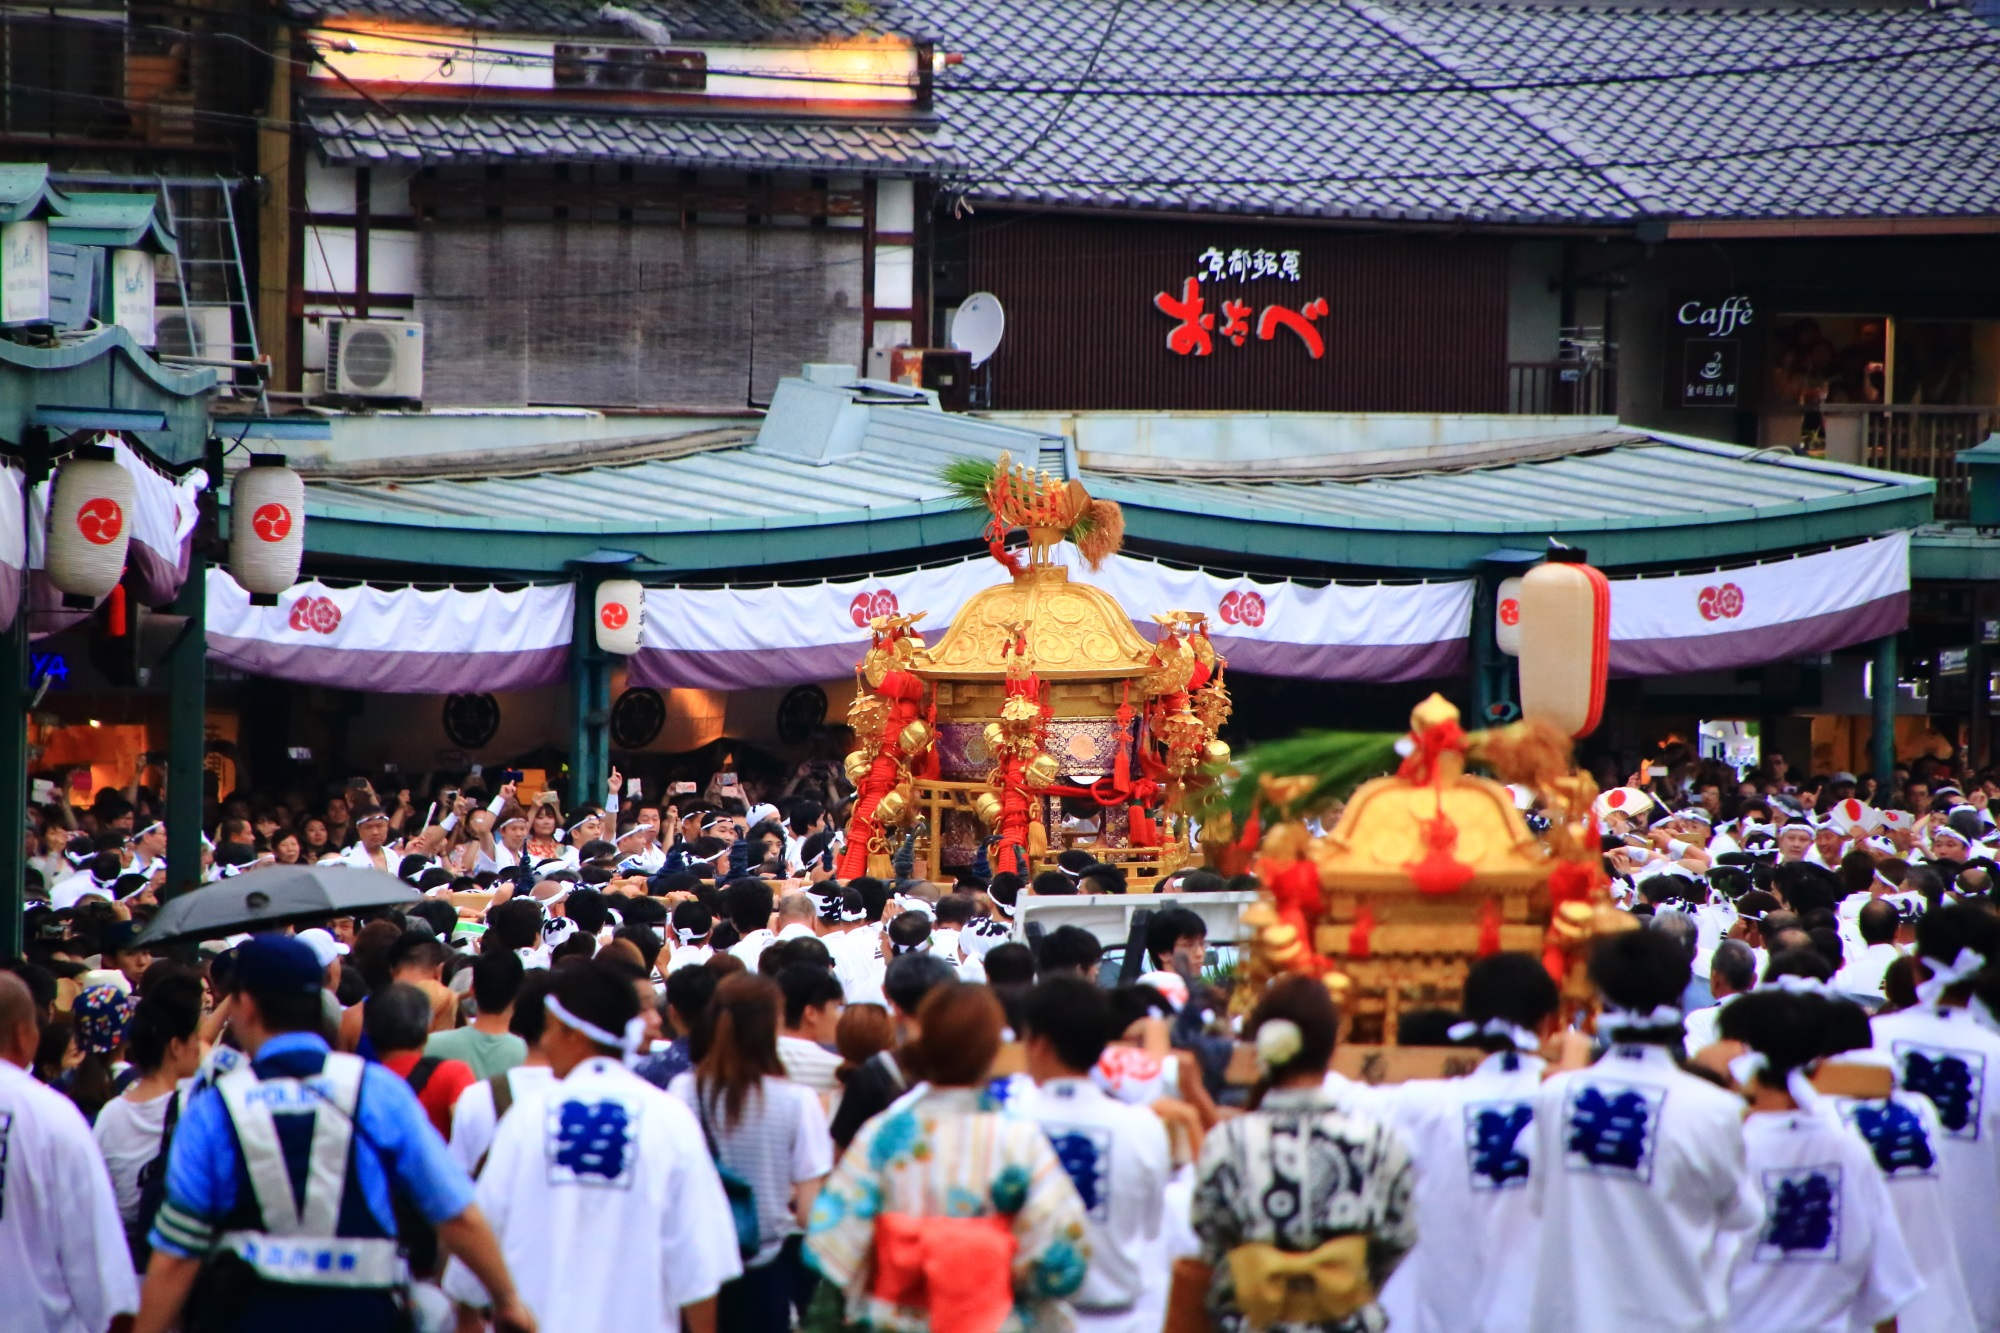 神幸祭 祇園祭 夏の風物詩